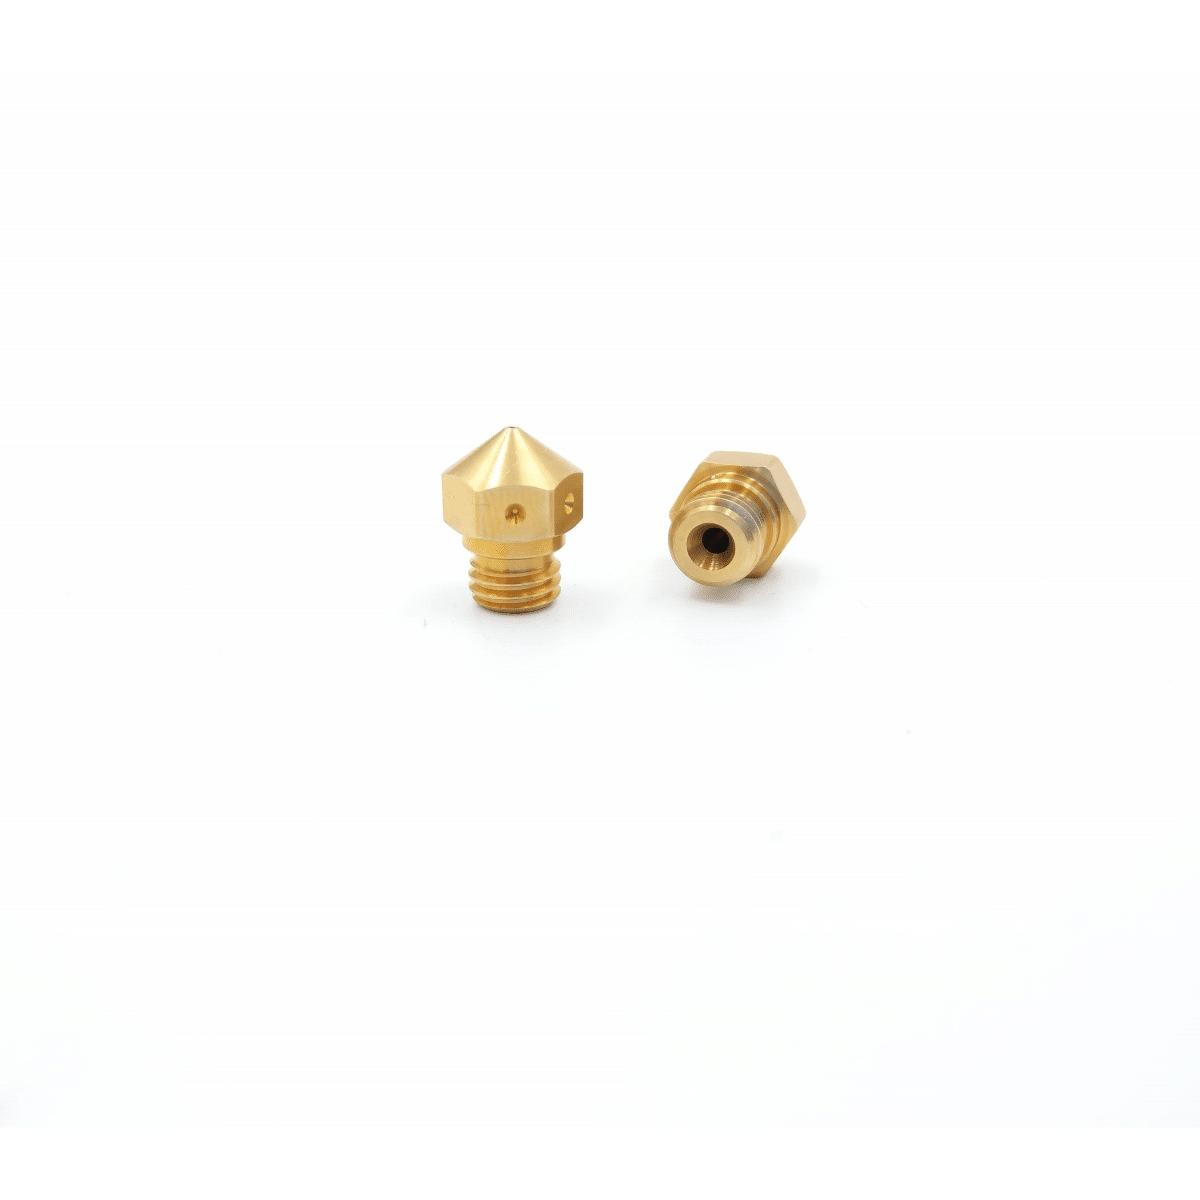 Billede af Wanhao MK10 All-Metal Nozzle 0,8mm